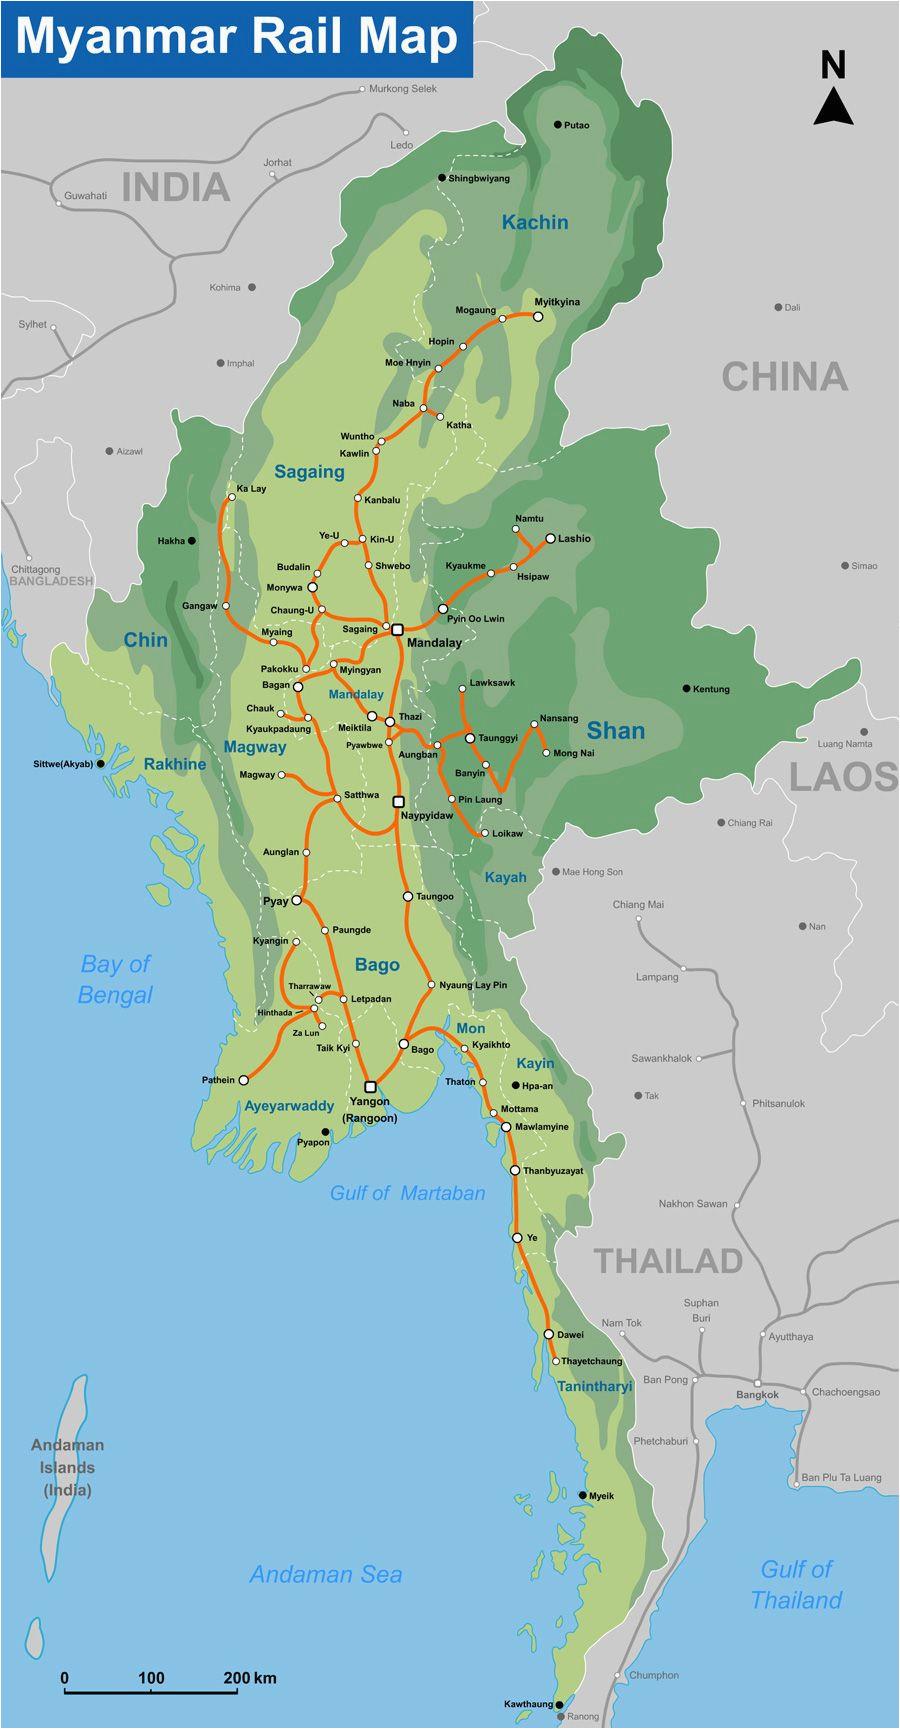 myanmar rail map by seacitymaps com southeast asia